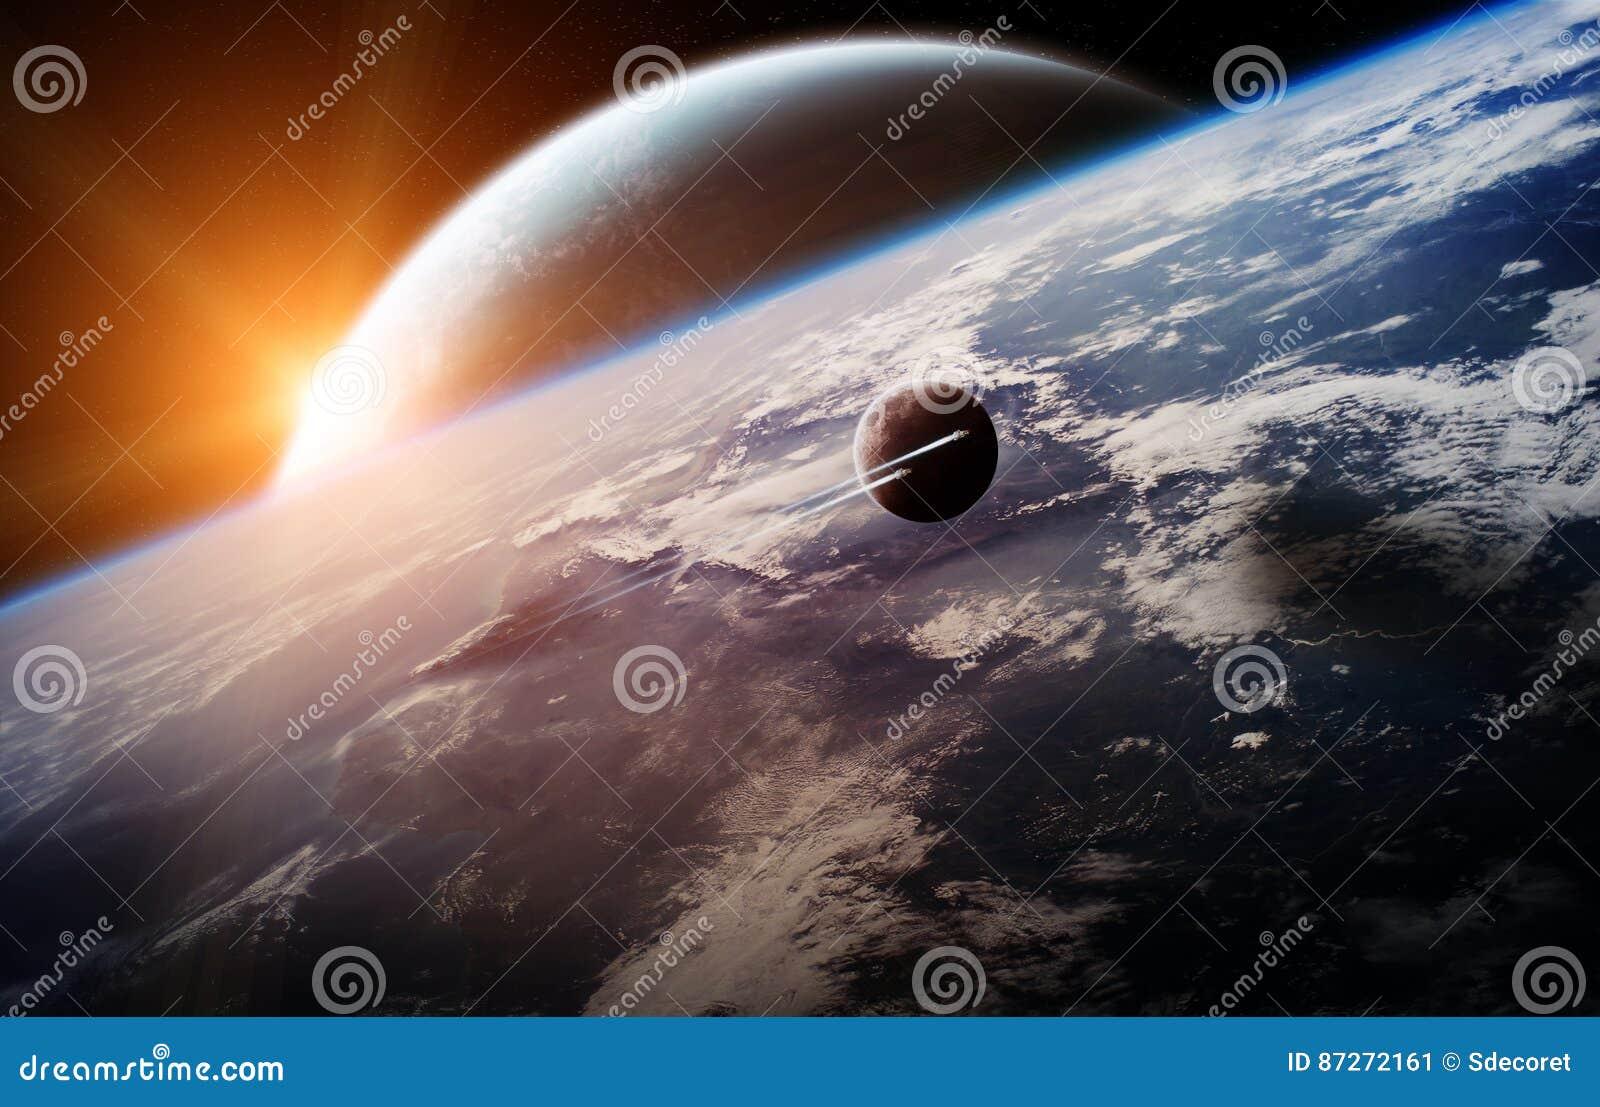 Nascer do sol sobre o sistema distante do planeta no elemento da rendição do espaço 3D